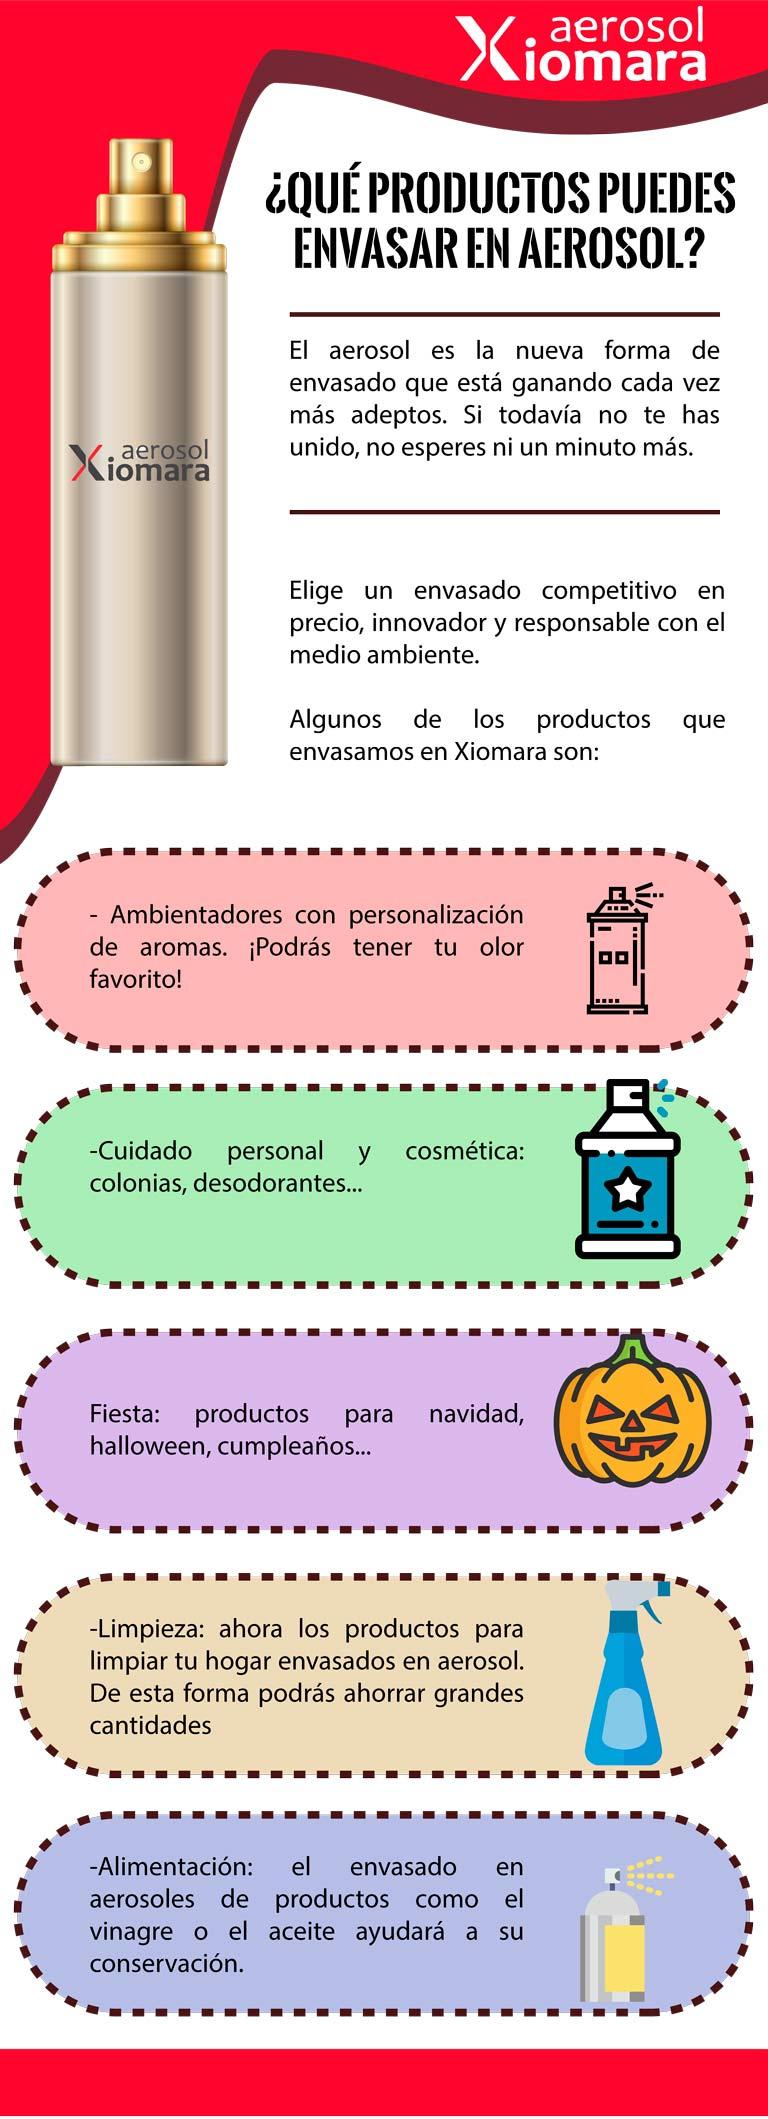 Aerosoles Xiomara - Productos para un envasado de aerosoles en España